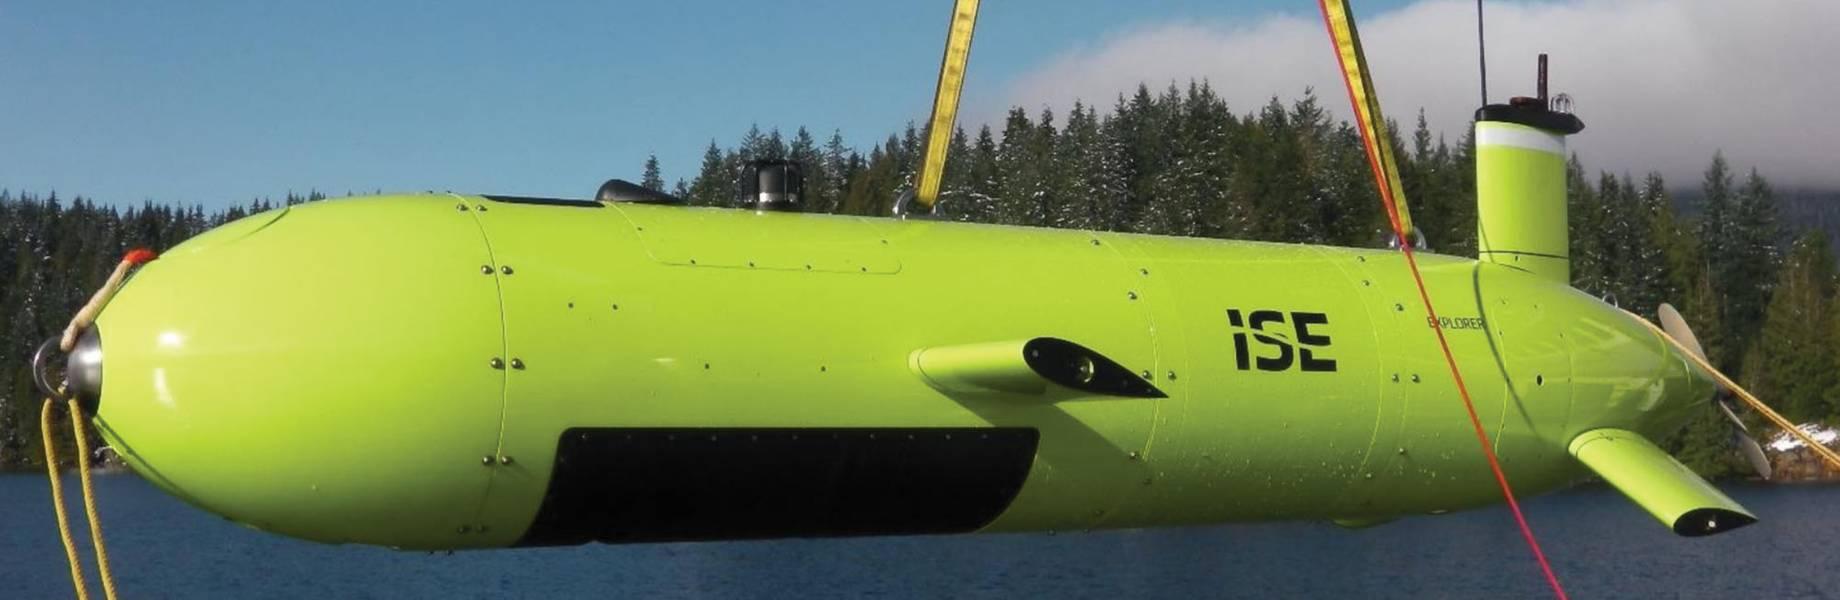 有效载荷:ISE Explorer 6000级和ISE 3000 R&D AUV。图片来源:国际潜艇工程